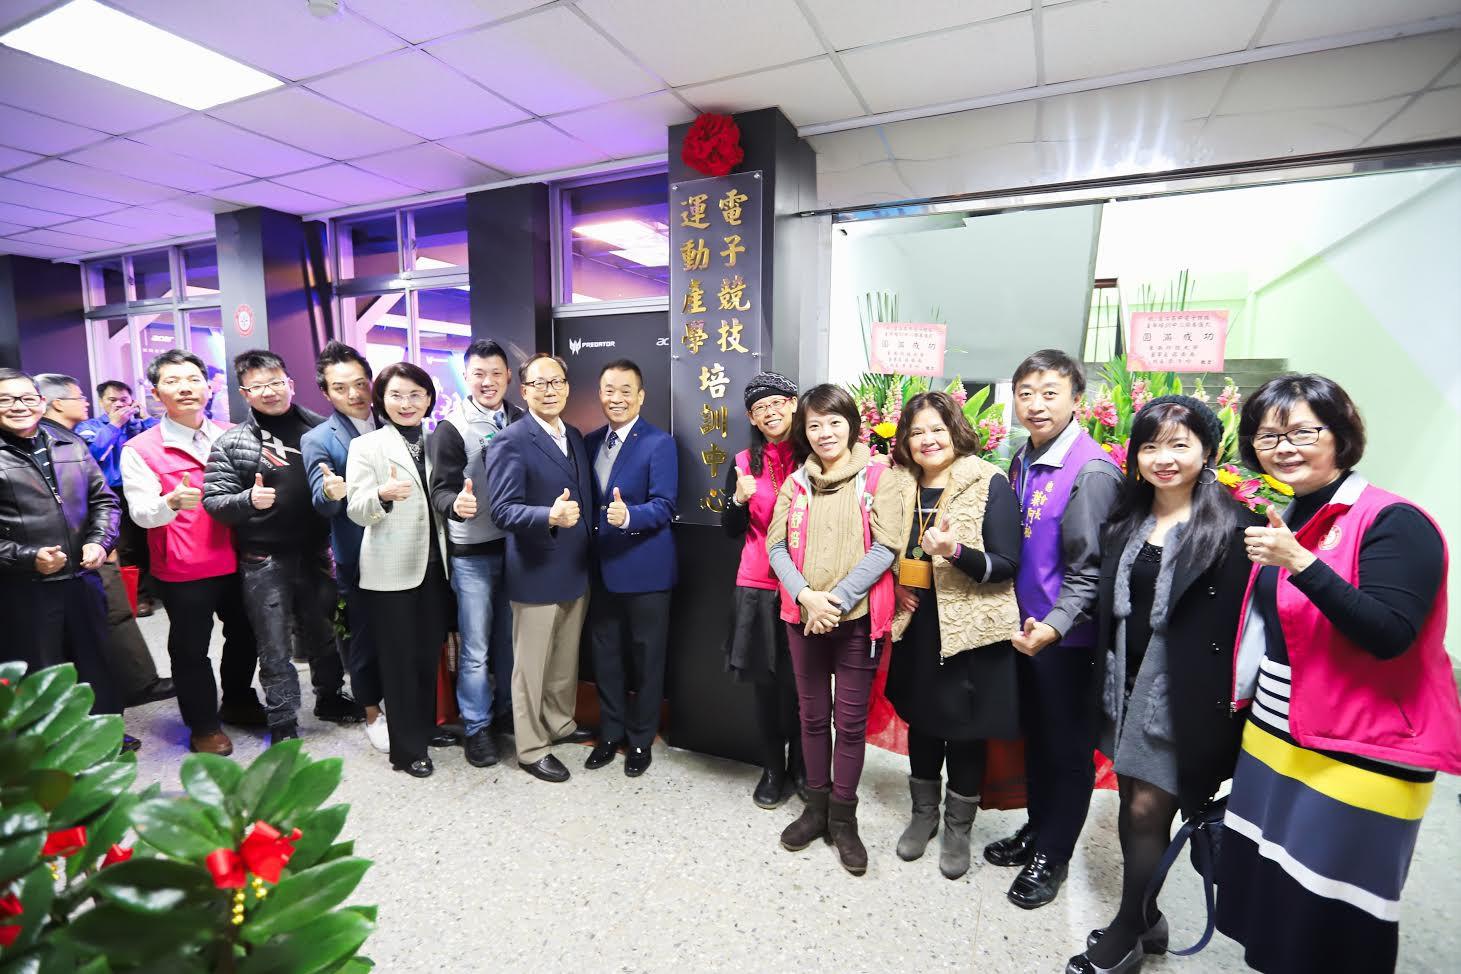 當天龍人豪宅管委說電競會危害社會,宏碁卻宣布向下扎根協助滬江高中成立電競產學培訓中心